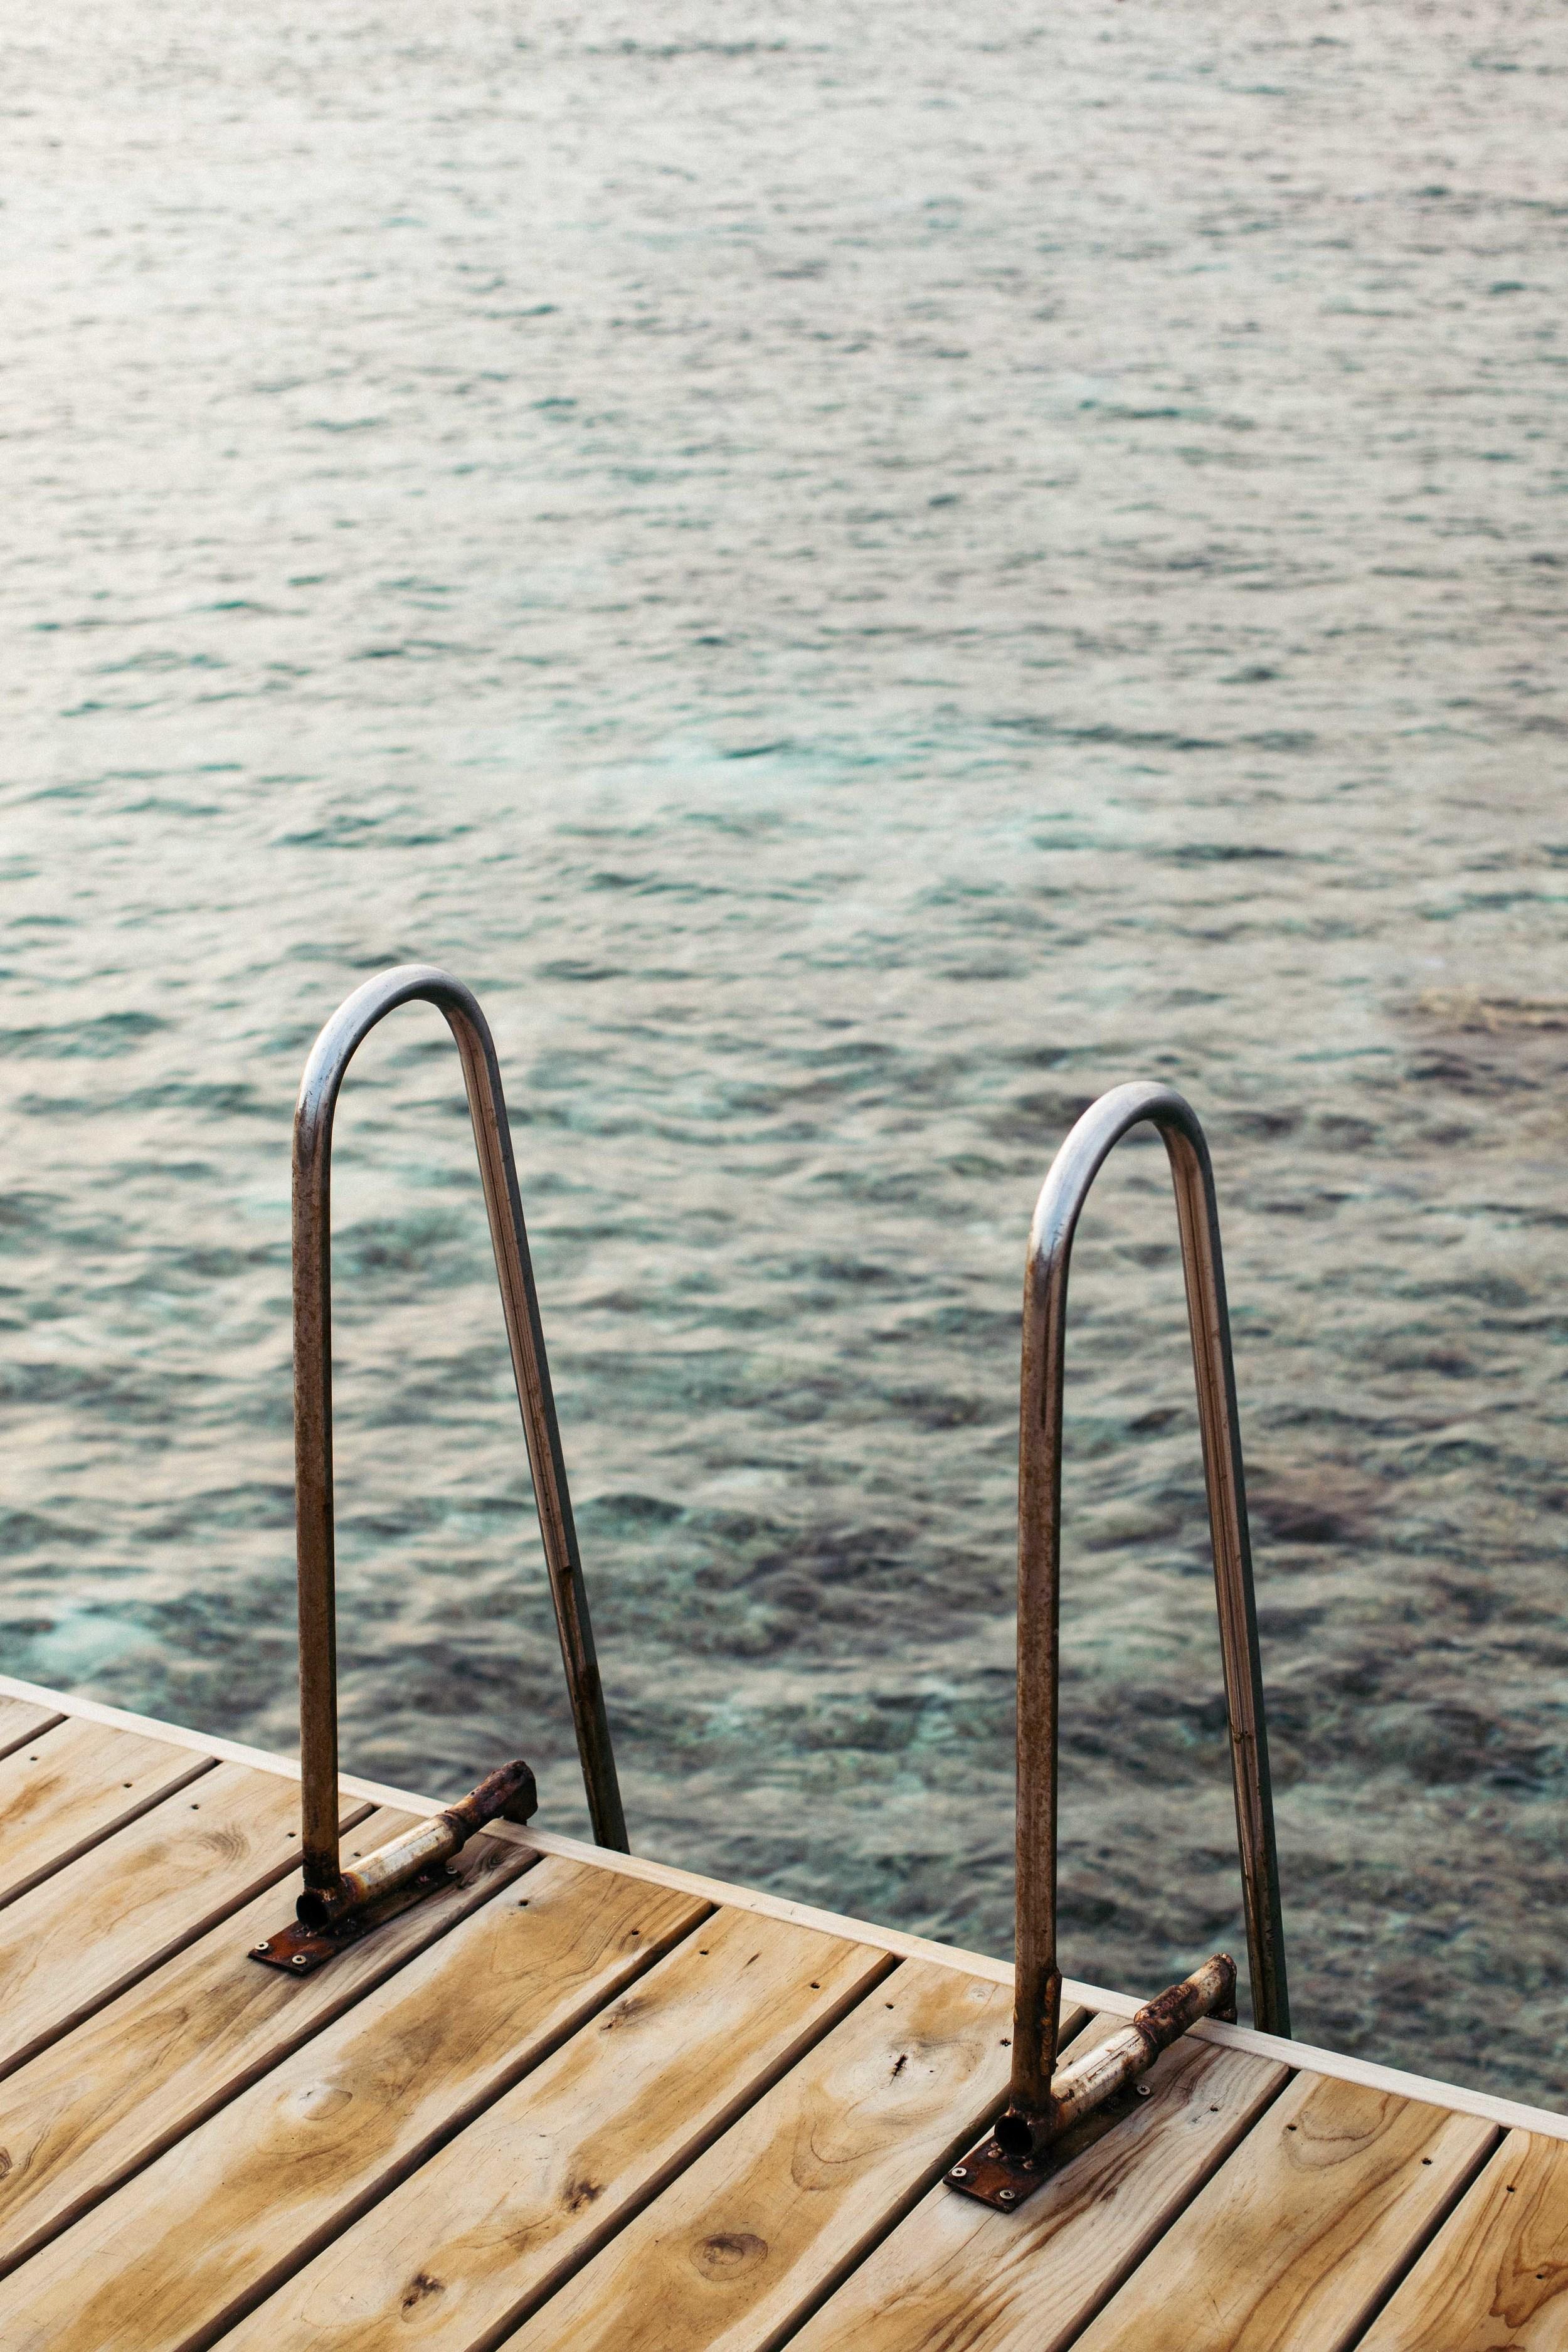 MALDIVES_CORONA_COCONUT COMRADERY_08.jpg